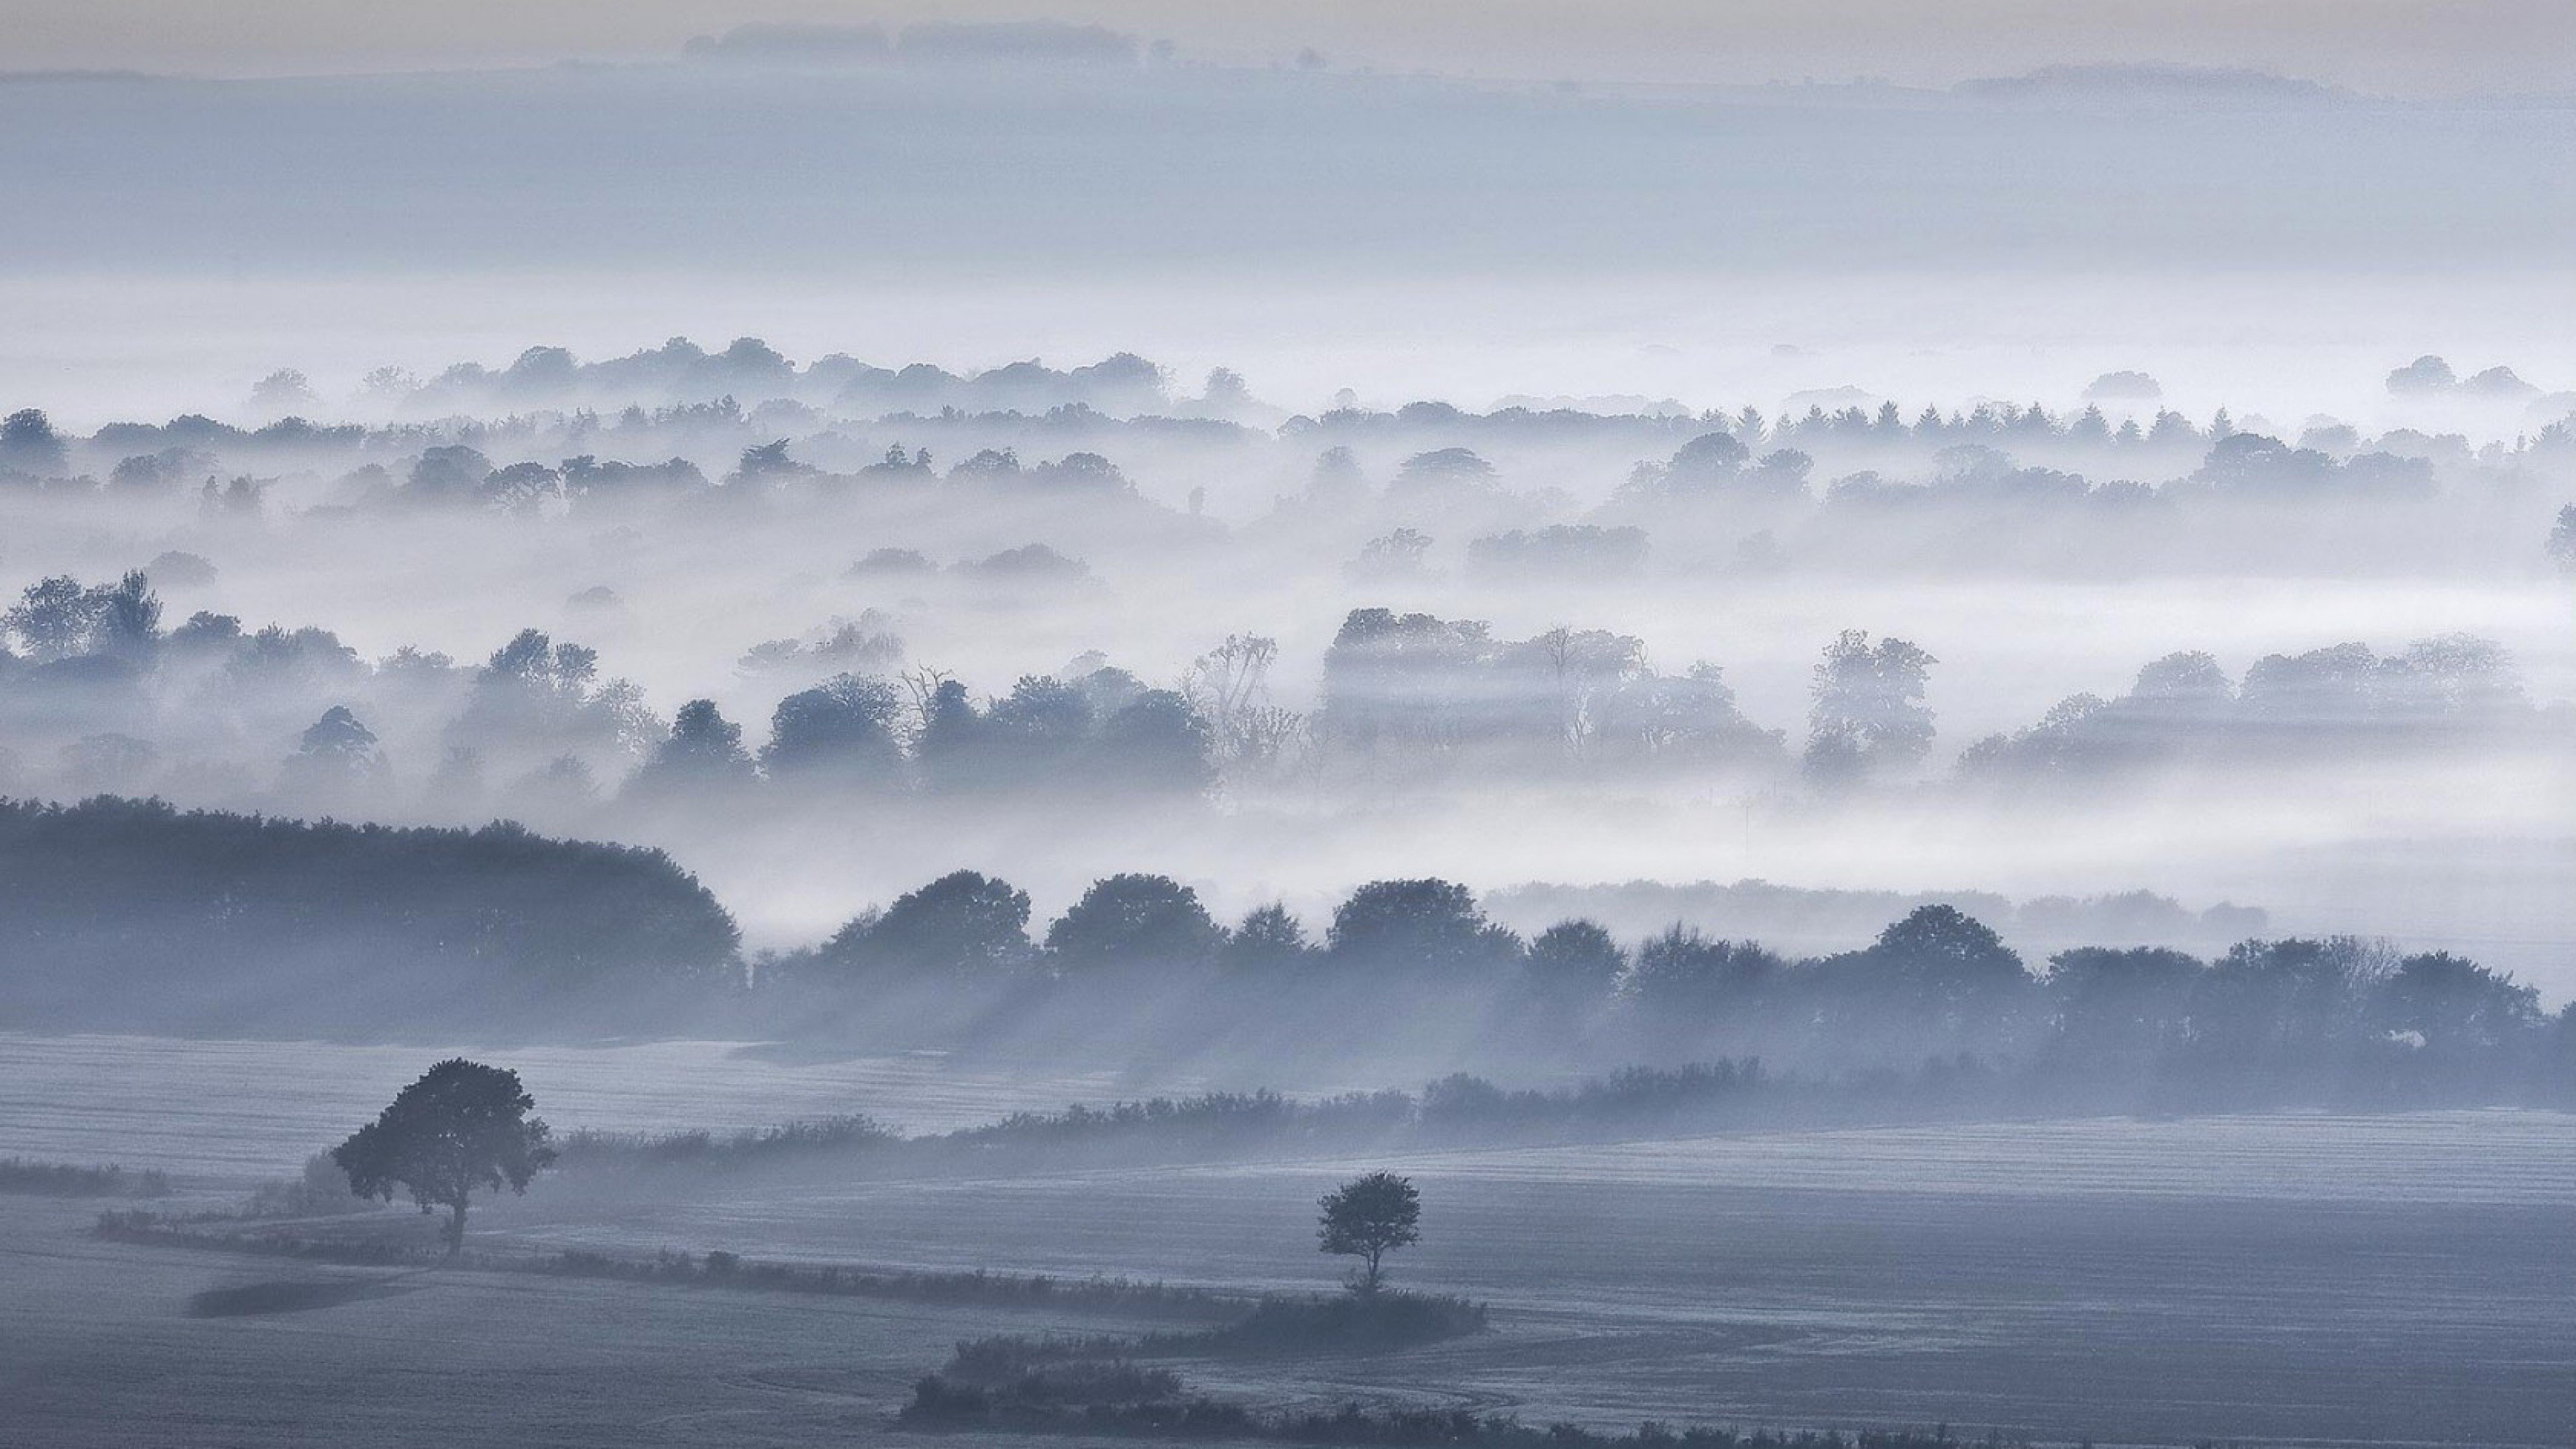 fog trees 4k 1540131540 - Fog Trees 4k - trees wallpapers, sky wallpapers, nature wallpapers, fog wallpapers